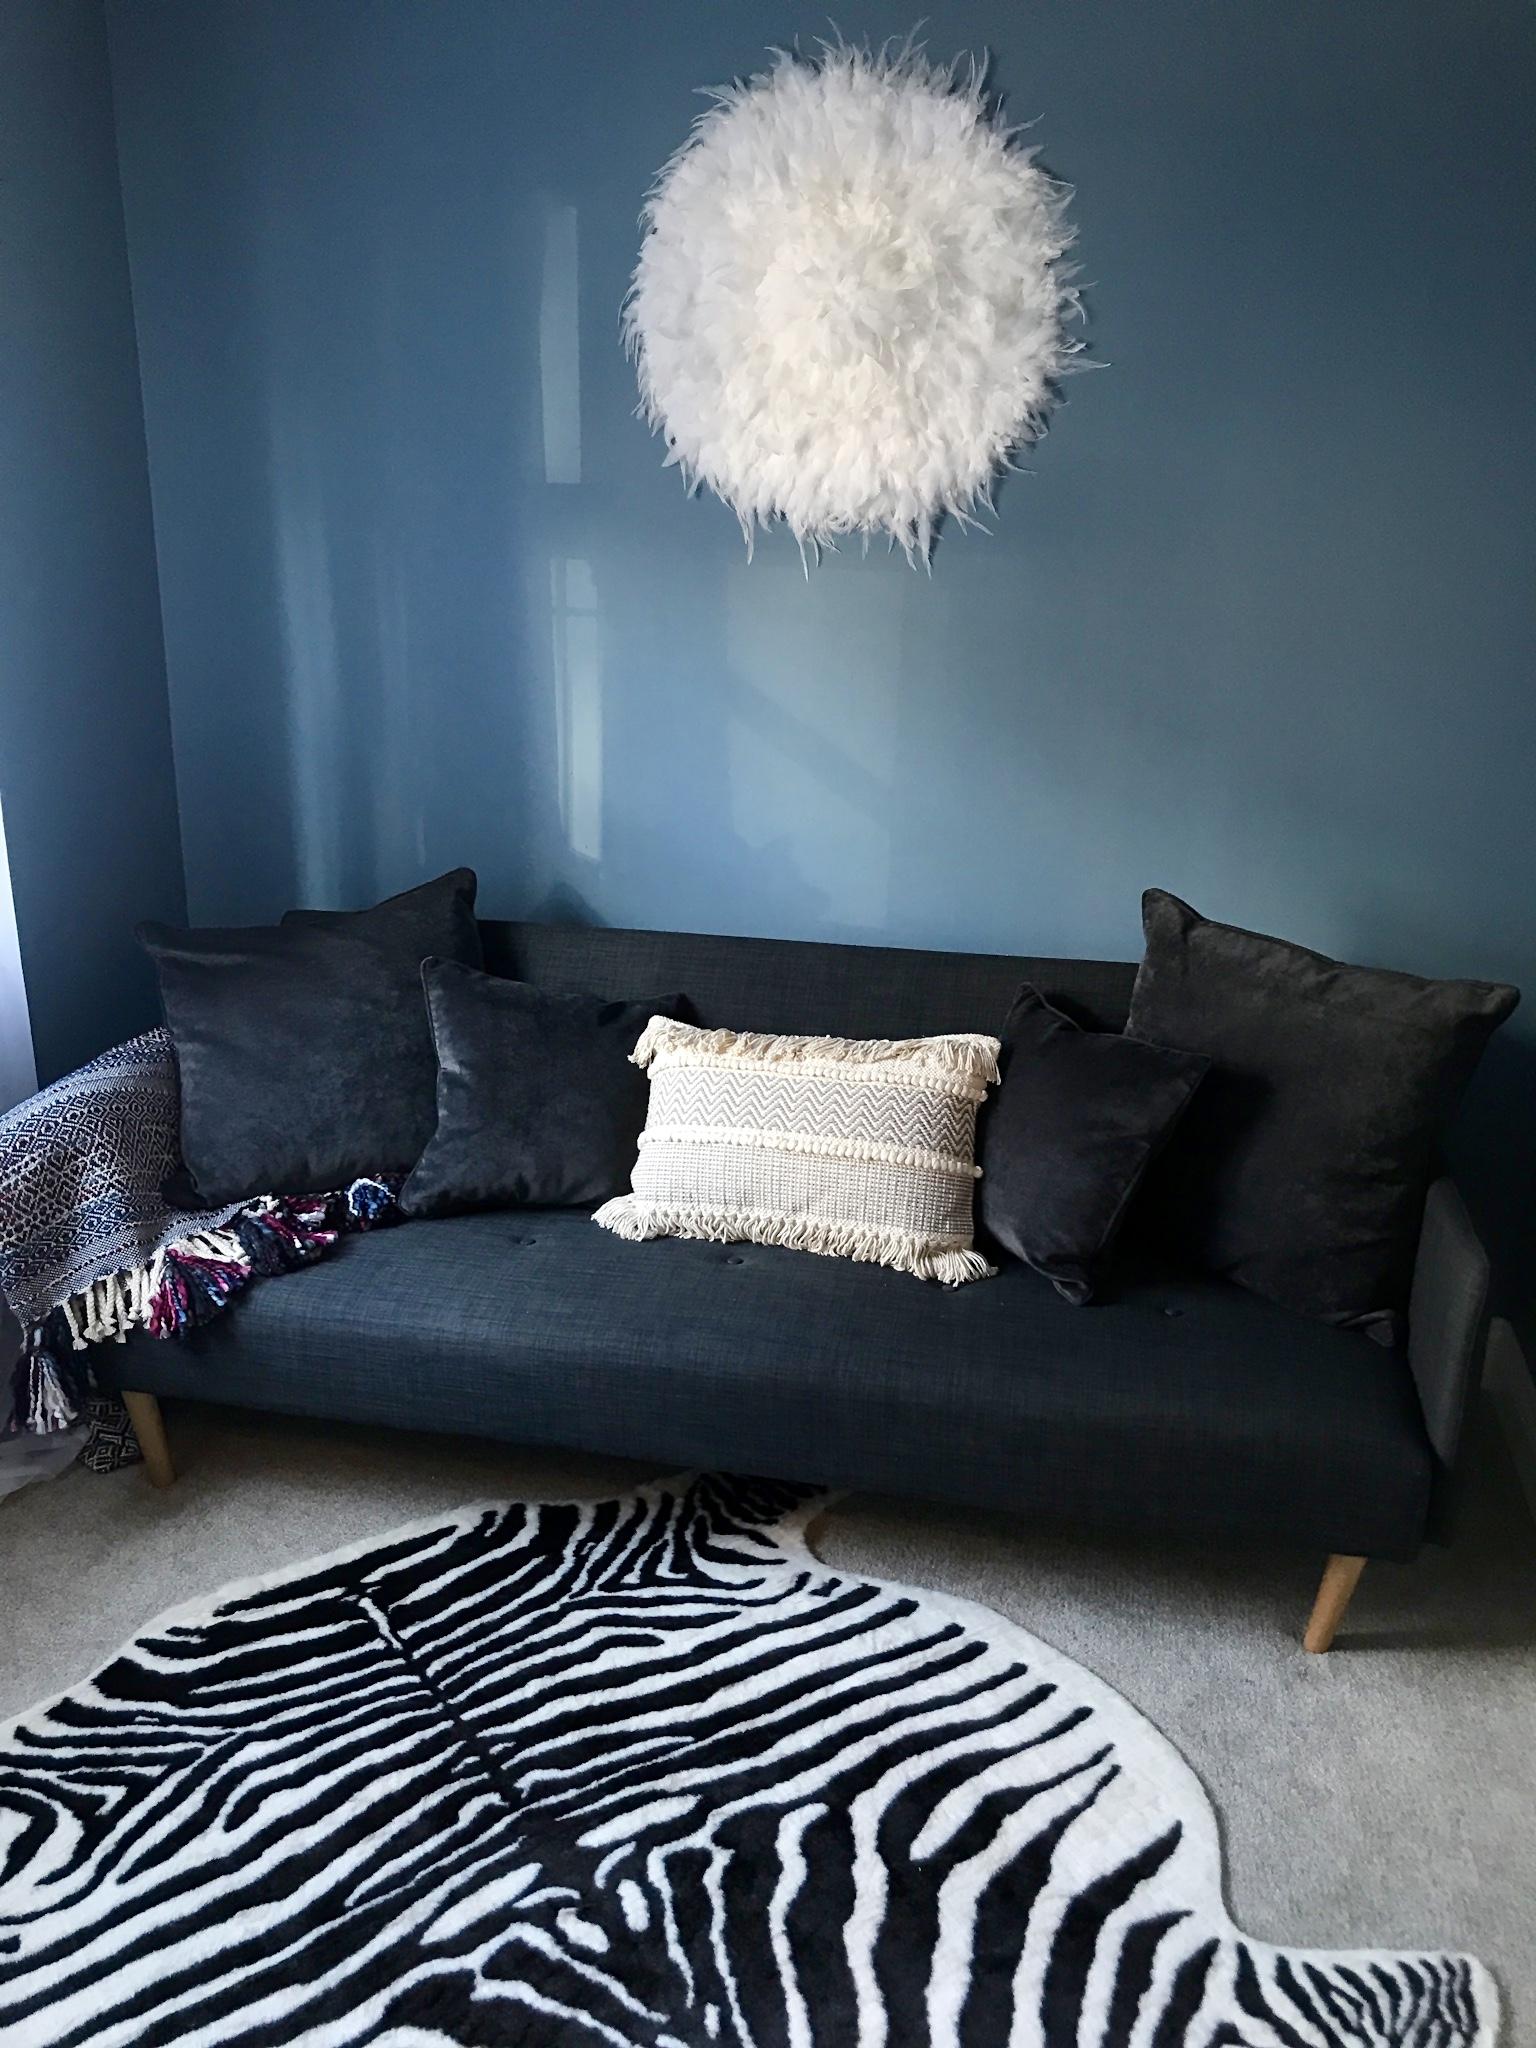 JuJu wall hanging-   Donnamariakelly.co.uk   ...Zebra Rug-   Ikea.com   ...... Tassle Cushion-   Lilliandaph.co.uk    Walls- 'Blue Heron'   Valsparpaint.co.uk